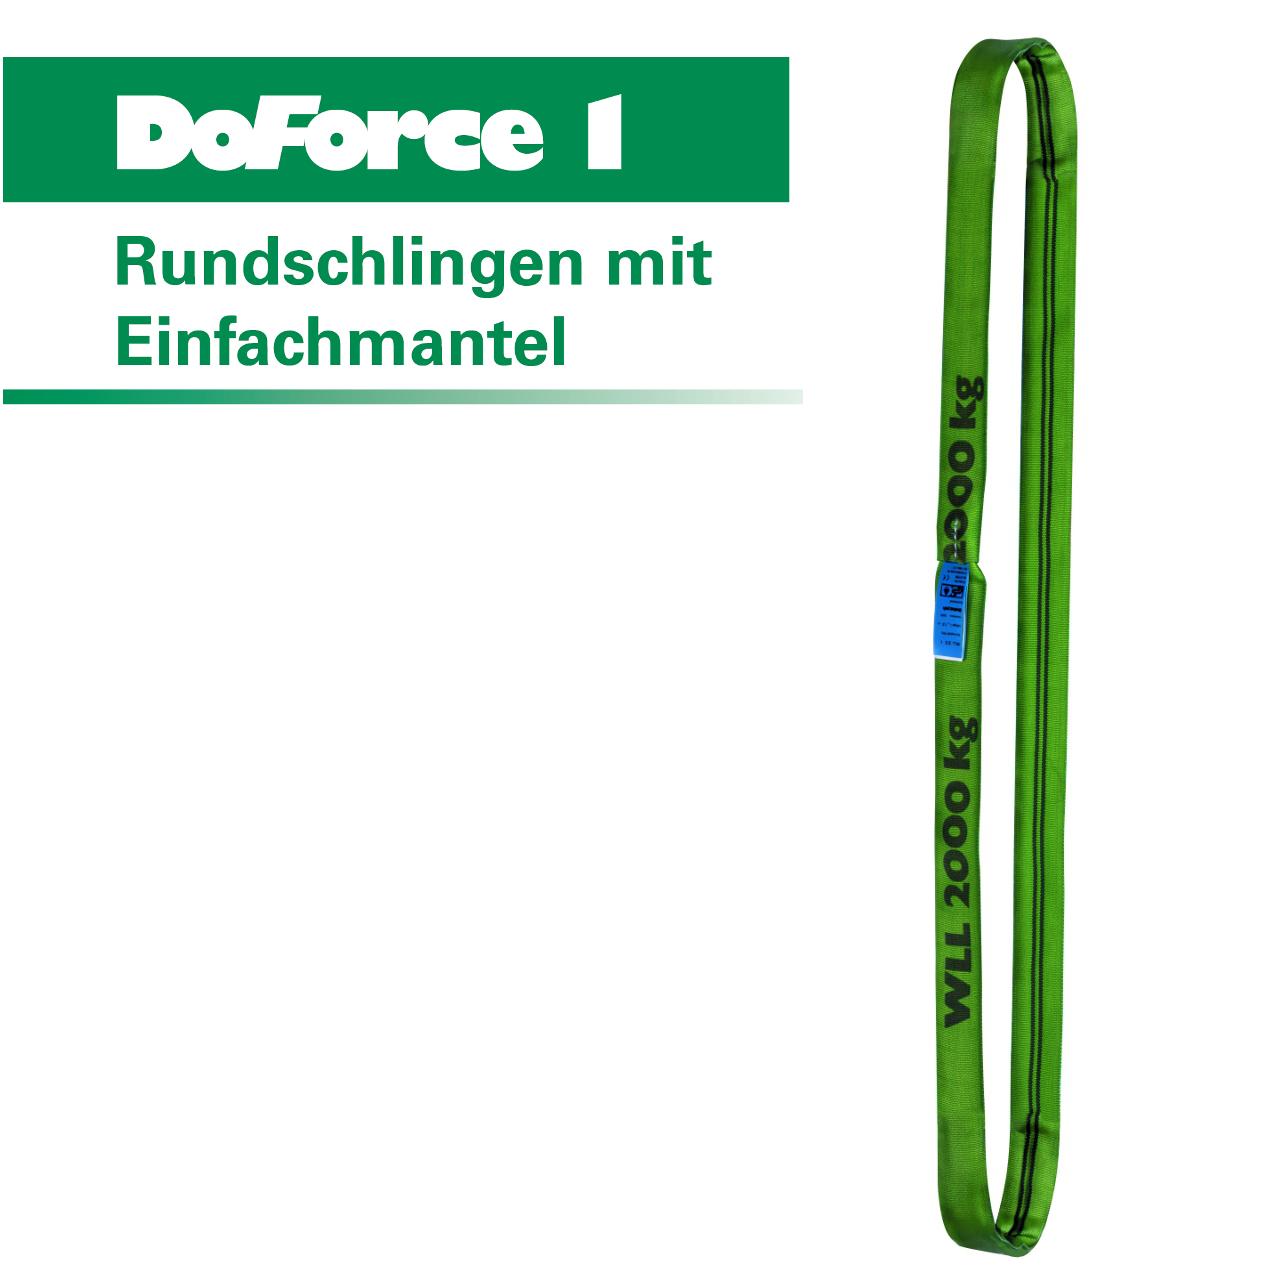 DoForce Rundschlinge 3000 kg Tragkraft 12 m Umfang